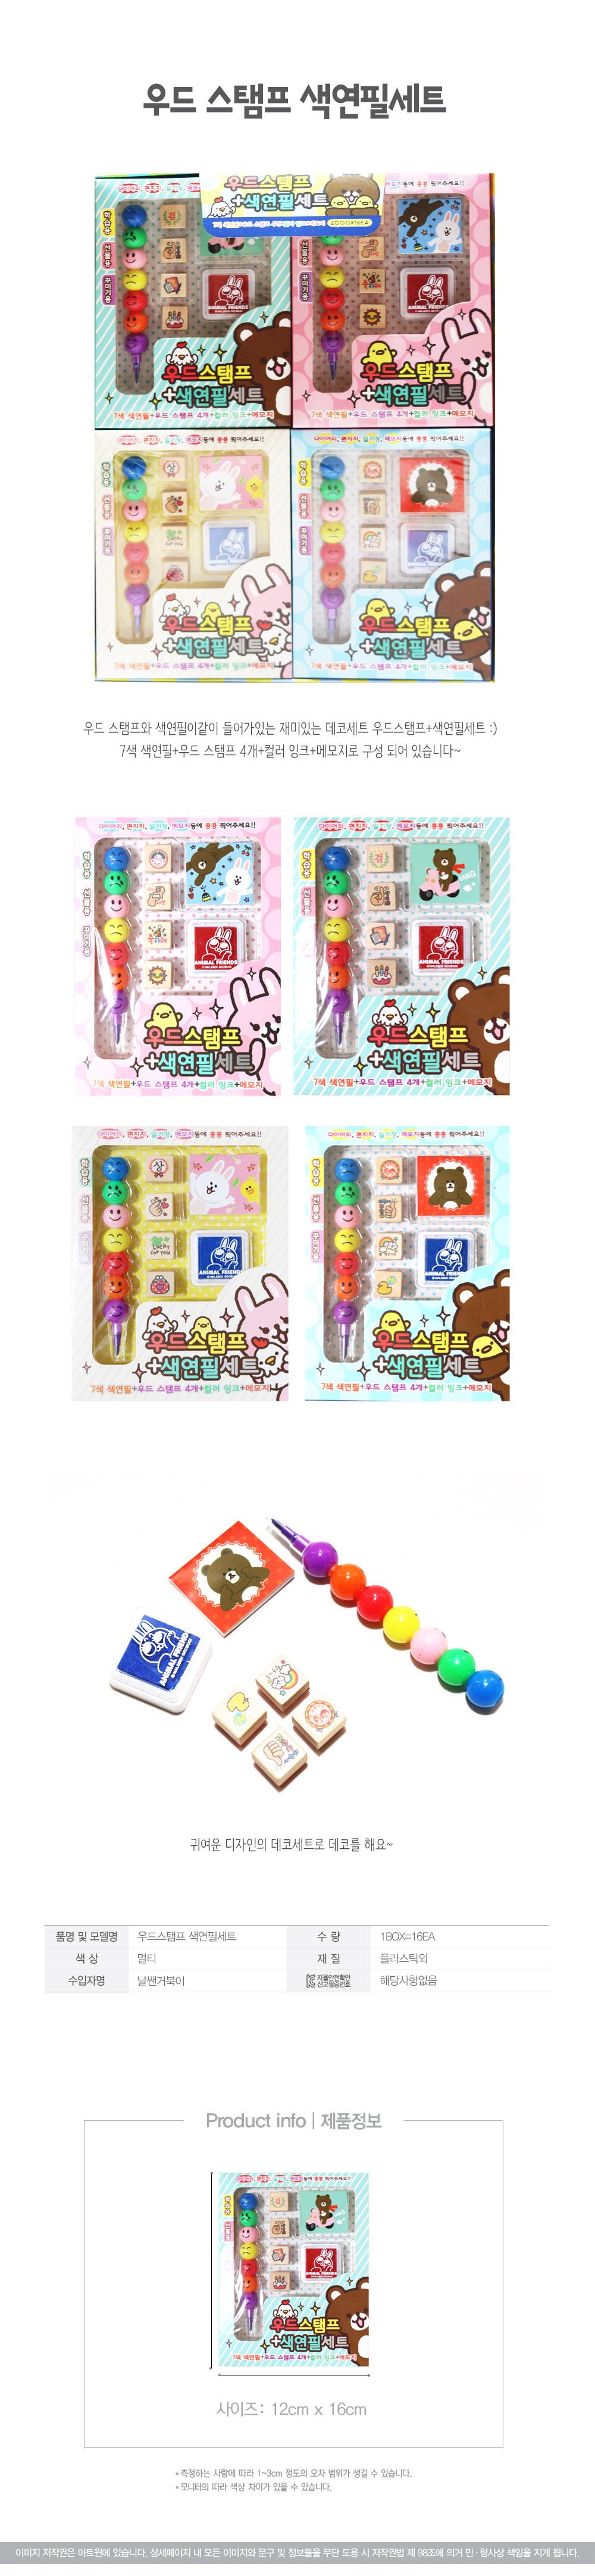 2000우드스탬프색연필세트BOX - 아트윈, 31,900원, 색연필/사인펜/크레파스, 색연필